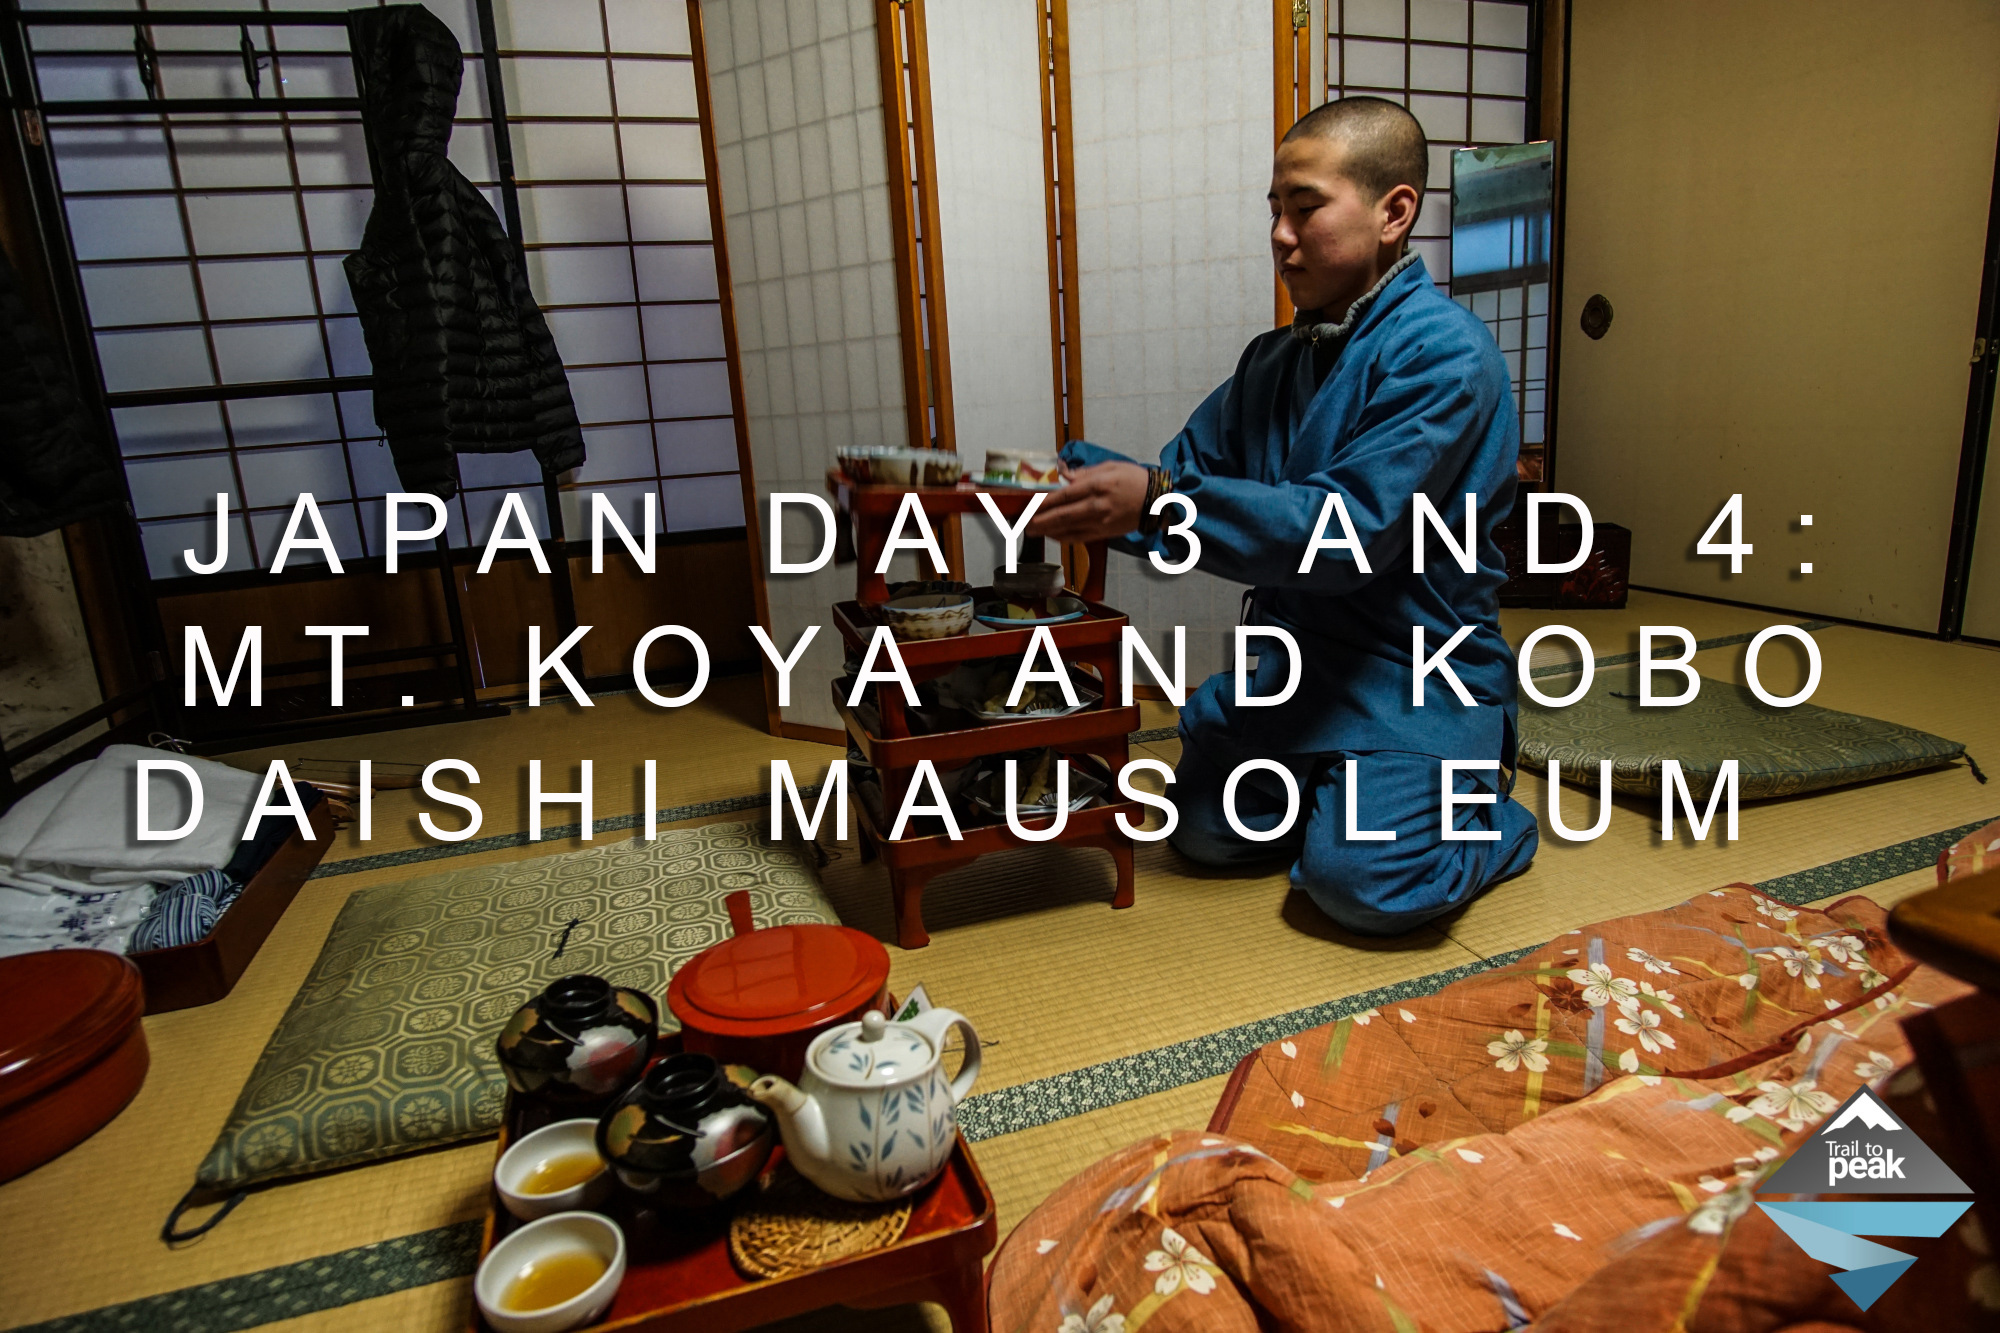 Japan Day 3 And 4: Mount Koya's Garan And Kobo Daishi Mausoleum